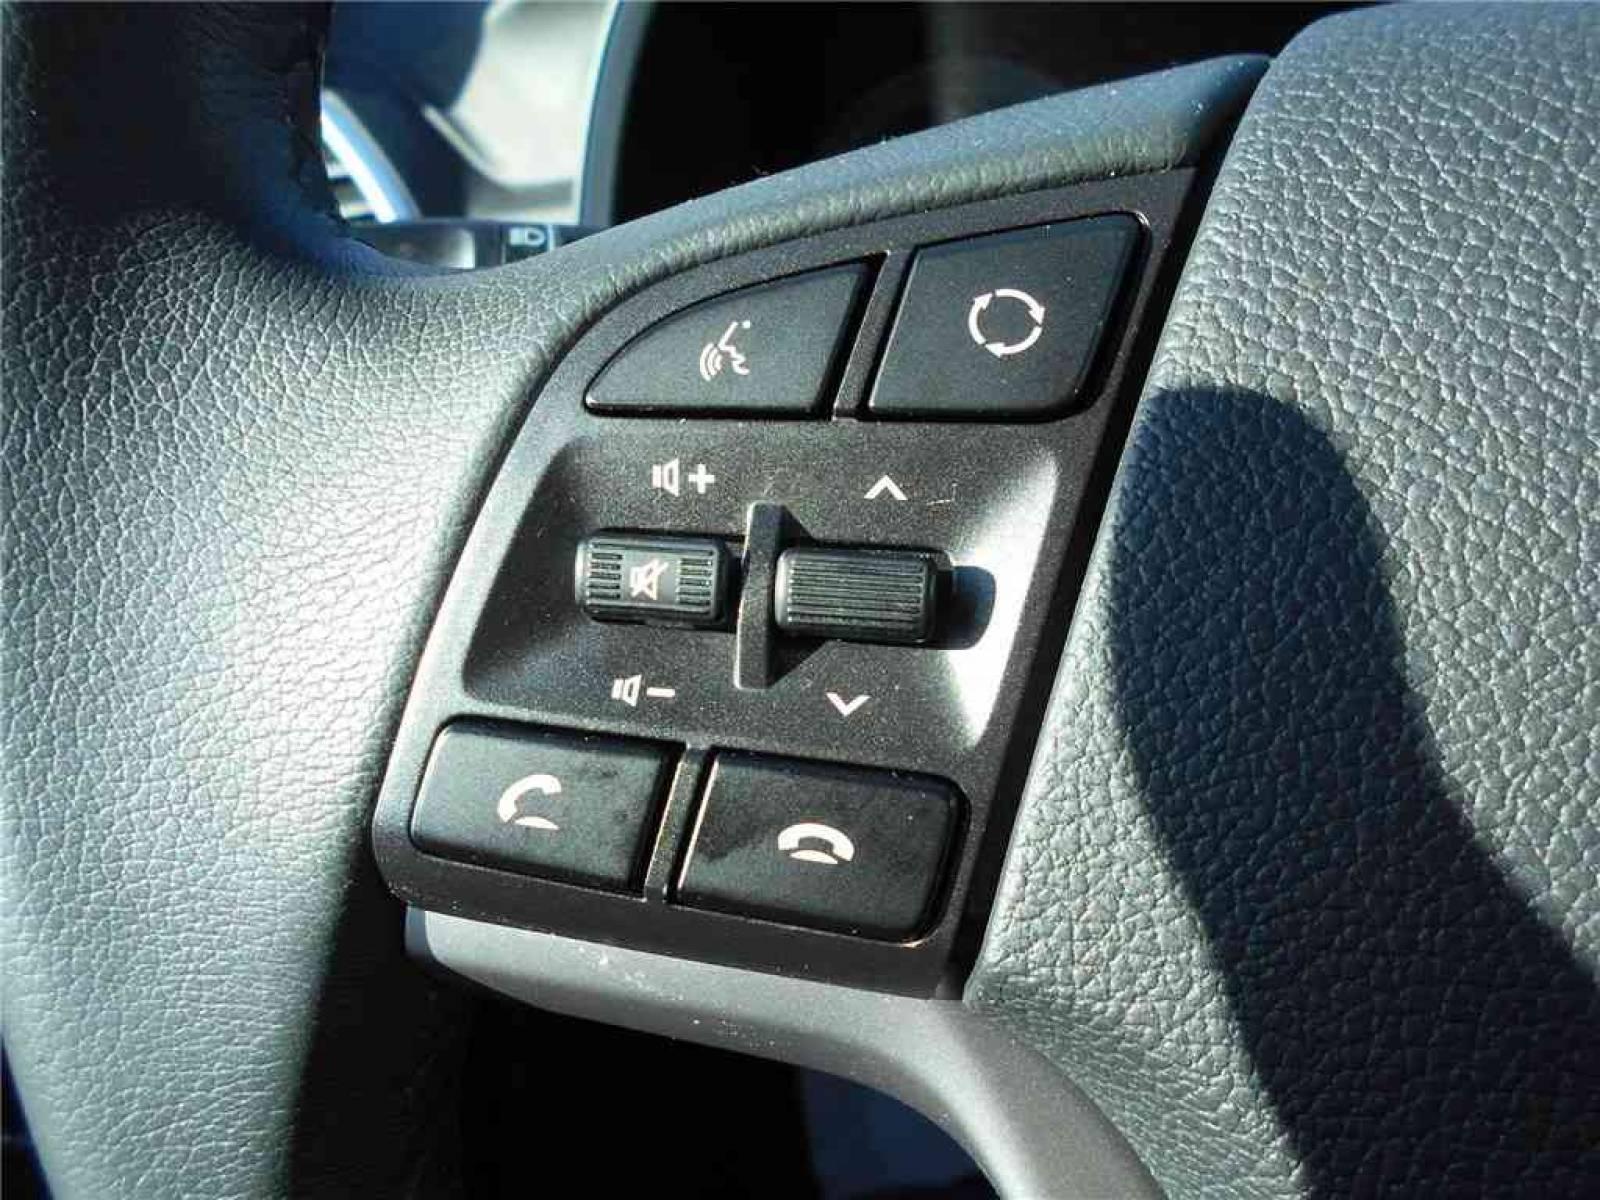 HYUNDAI Tucson 1.6 CRDi 115 - véhicule d'occasion - Groupe Guillet - Chalon Automobiles - 71100 - Chalon-sur-Saône - 9